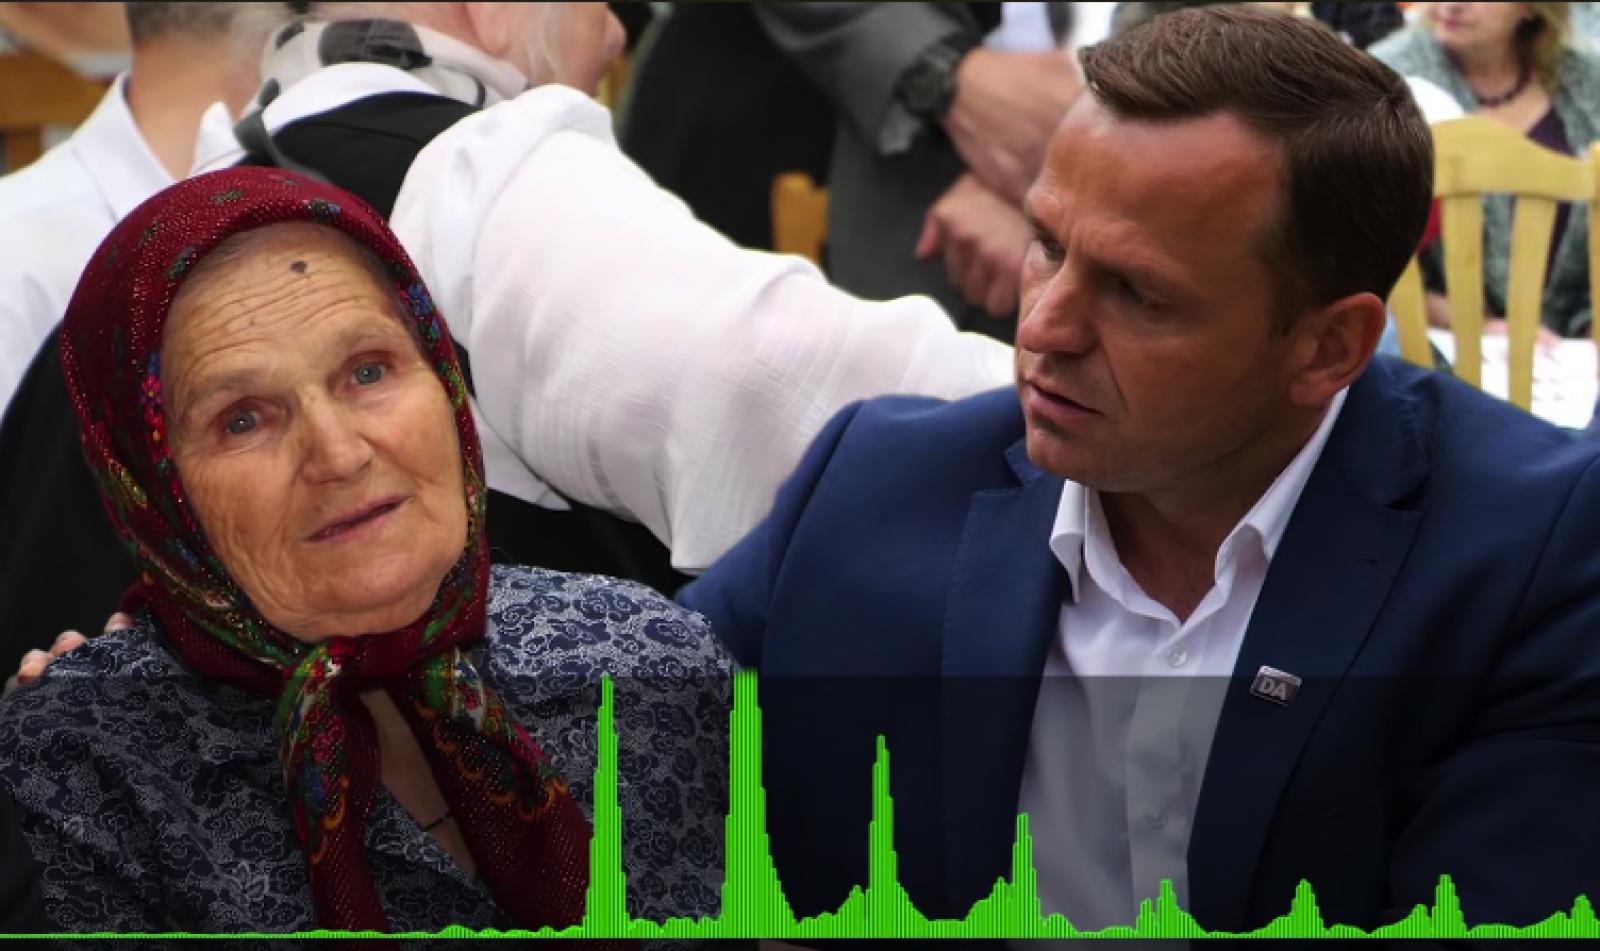 Un nou atac la adresa lui Andrei Năstase: O interceptare telefonică dintre liderul politic și mama sa, făcută publică